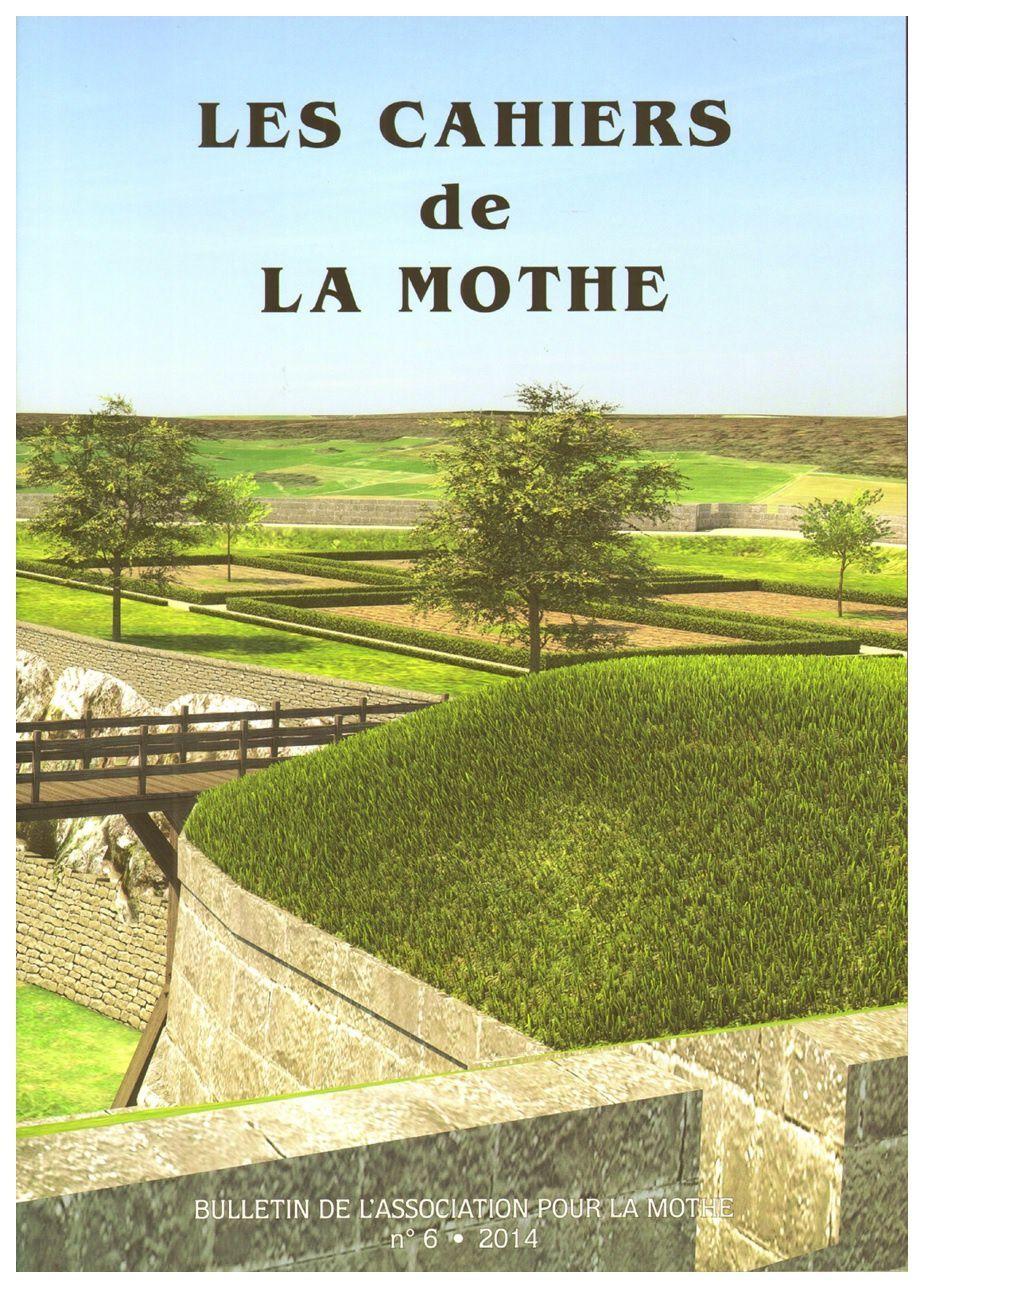 Le 6ème numéro des &quot&#x3B;Cahiers de La Mothe&quot&#x3B; est disponible (Association pour La Mothe)